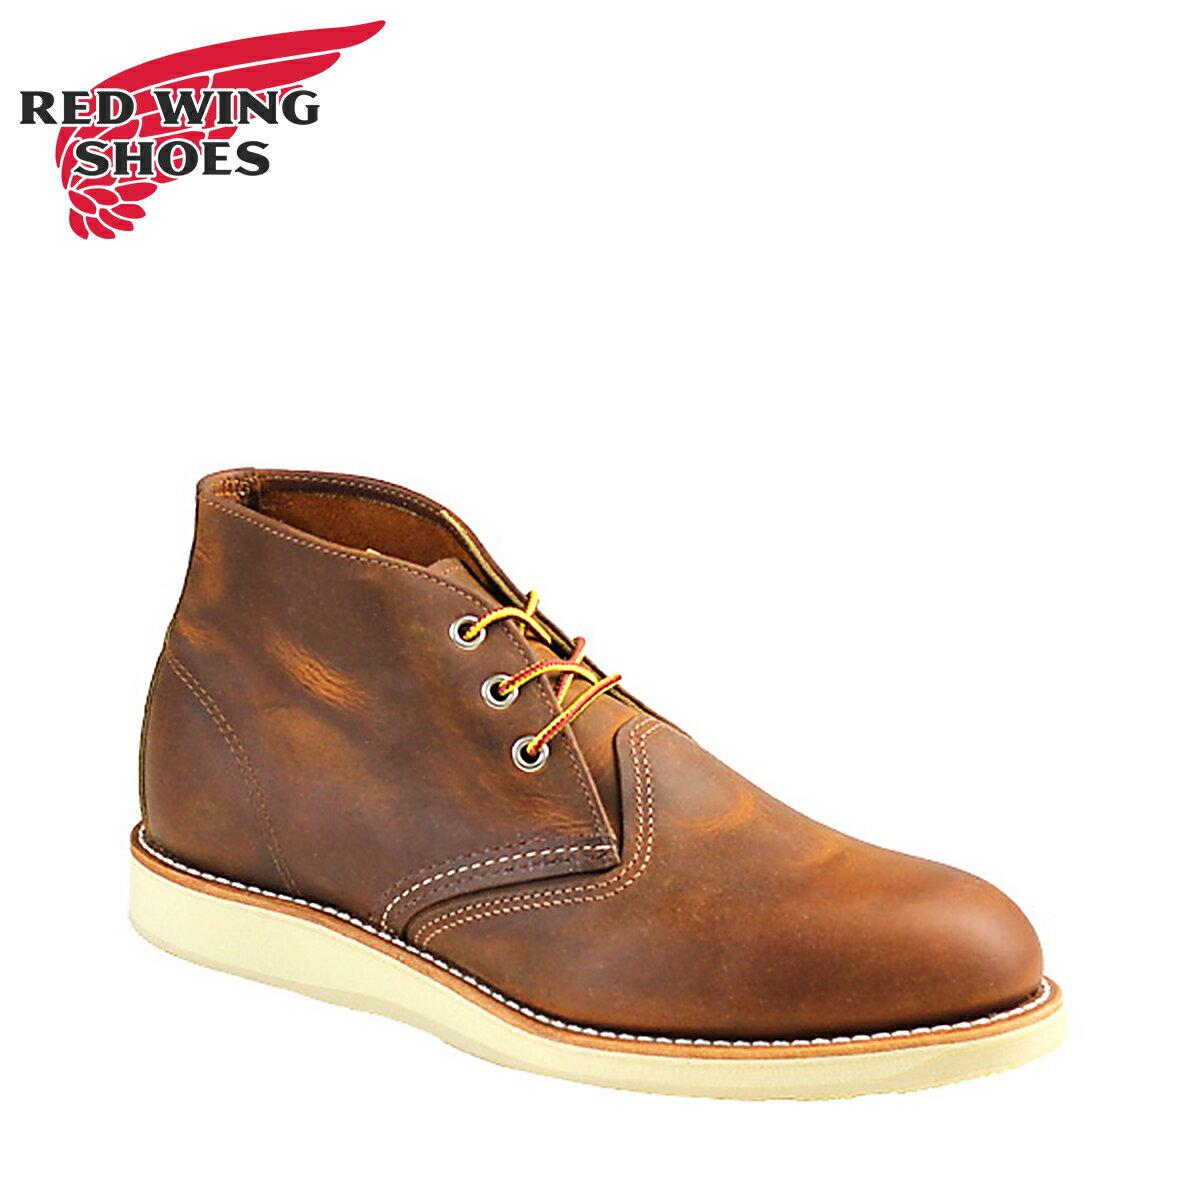 ブーツ, チャッカ 1000OFF RED WING CLASSIC CHUKKA D 3137